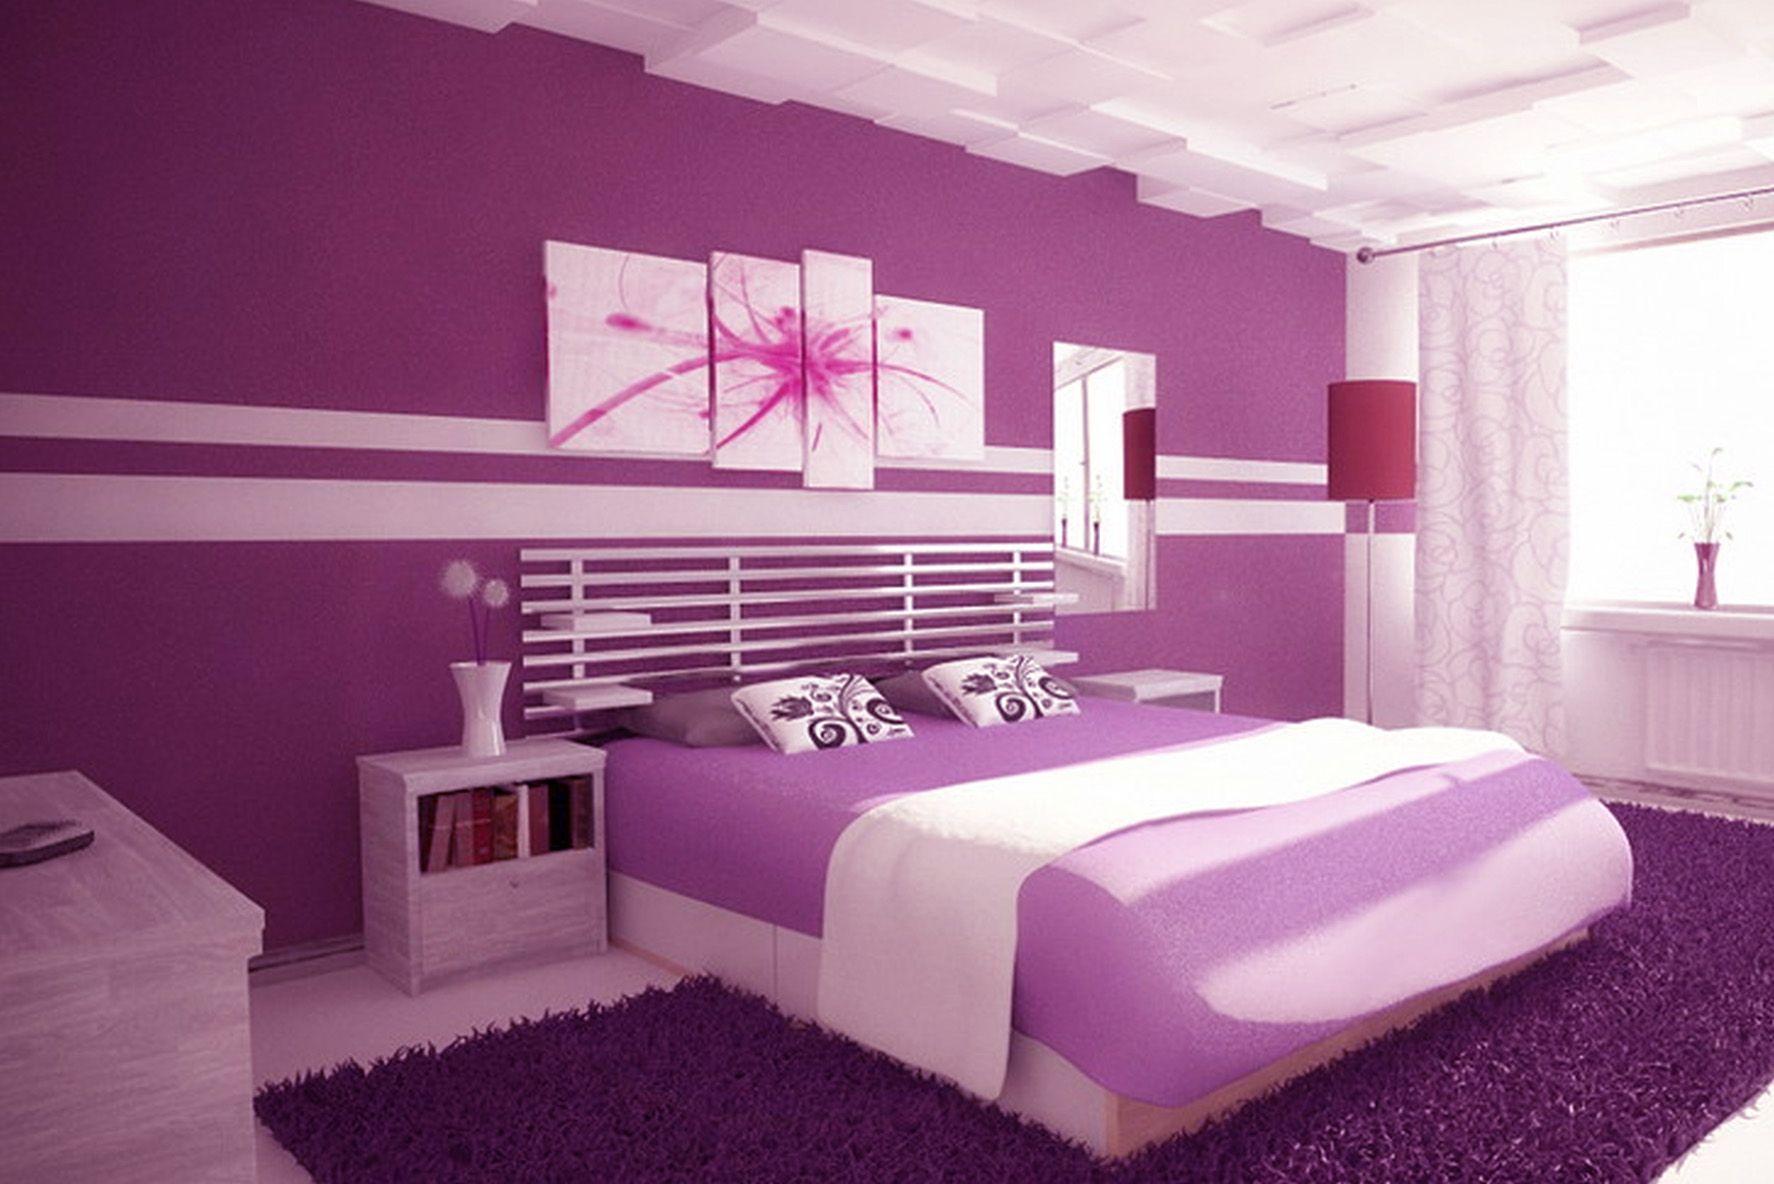 Elegant Purple Walls Bedroom Chocoaddicts This Room Has Light Shade With Bolder Bed Skirt Madchenzimmer Streichen Schlafzimmer Design Schlafzimmerfarbe